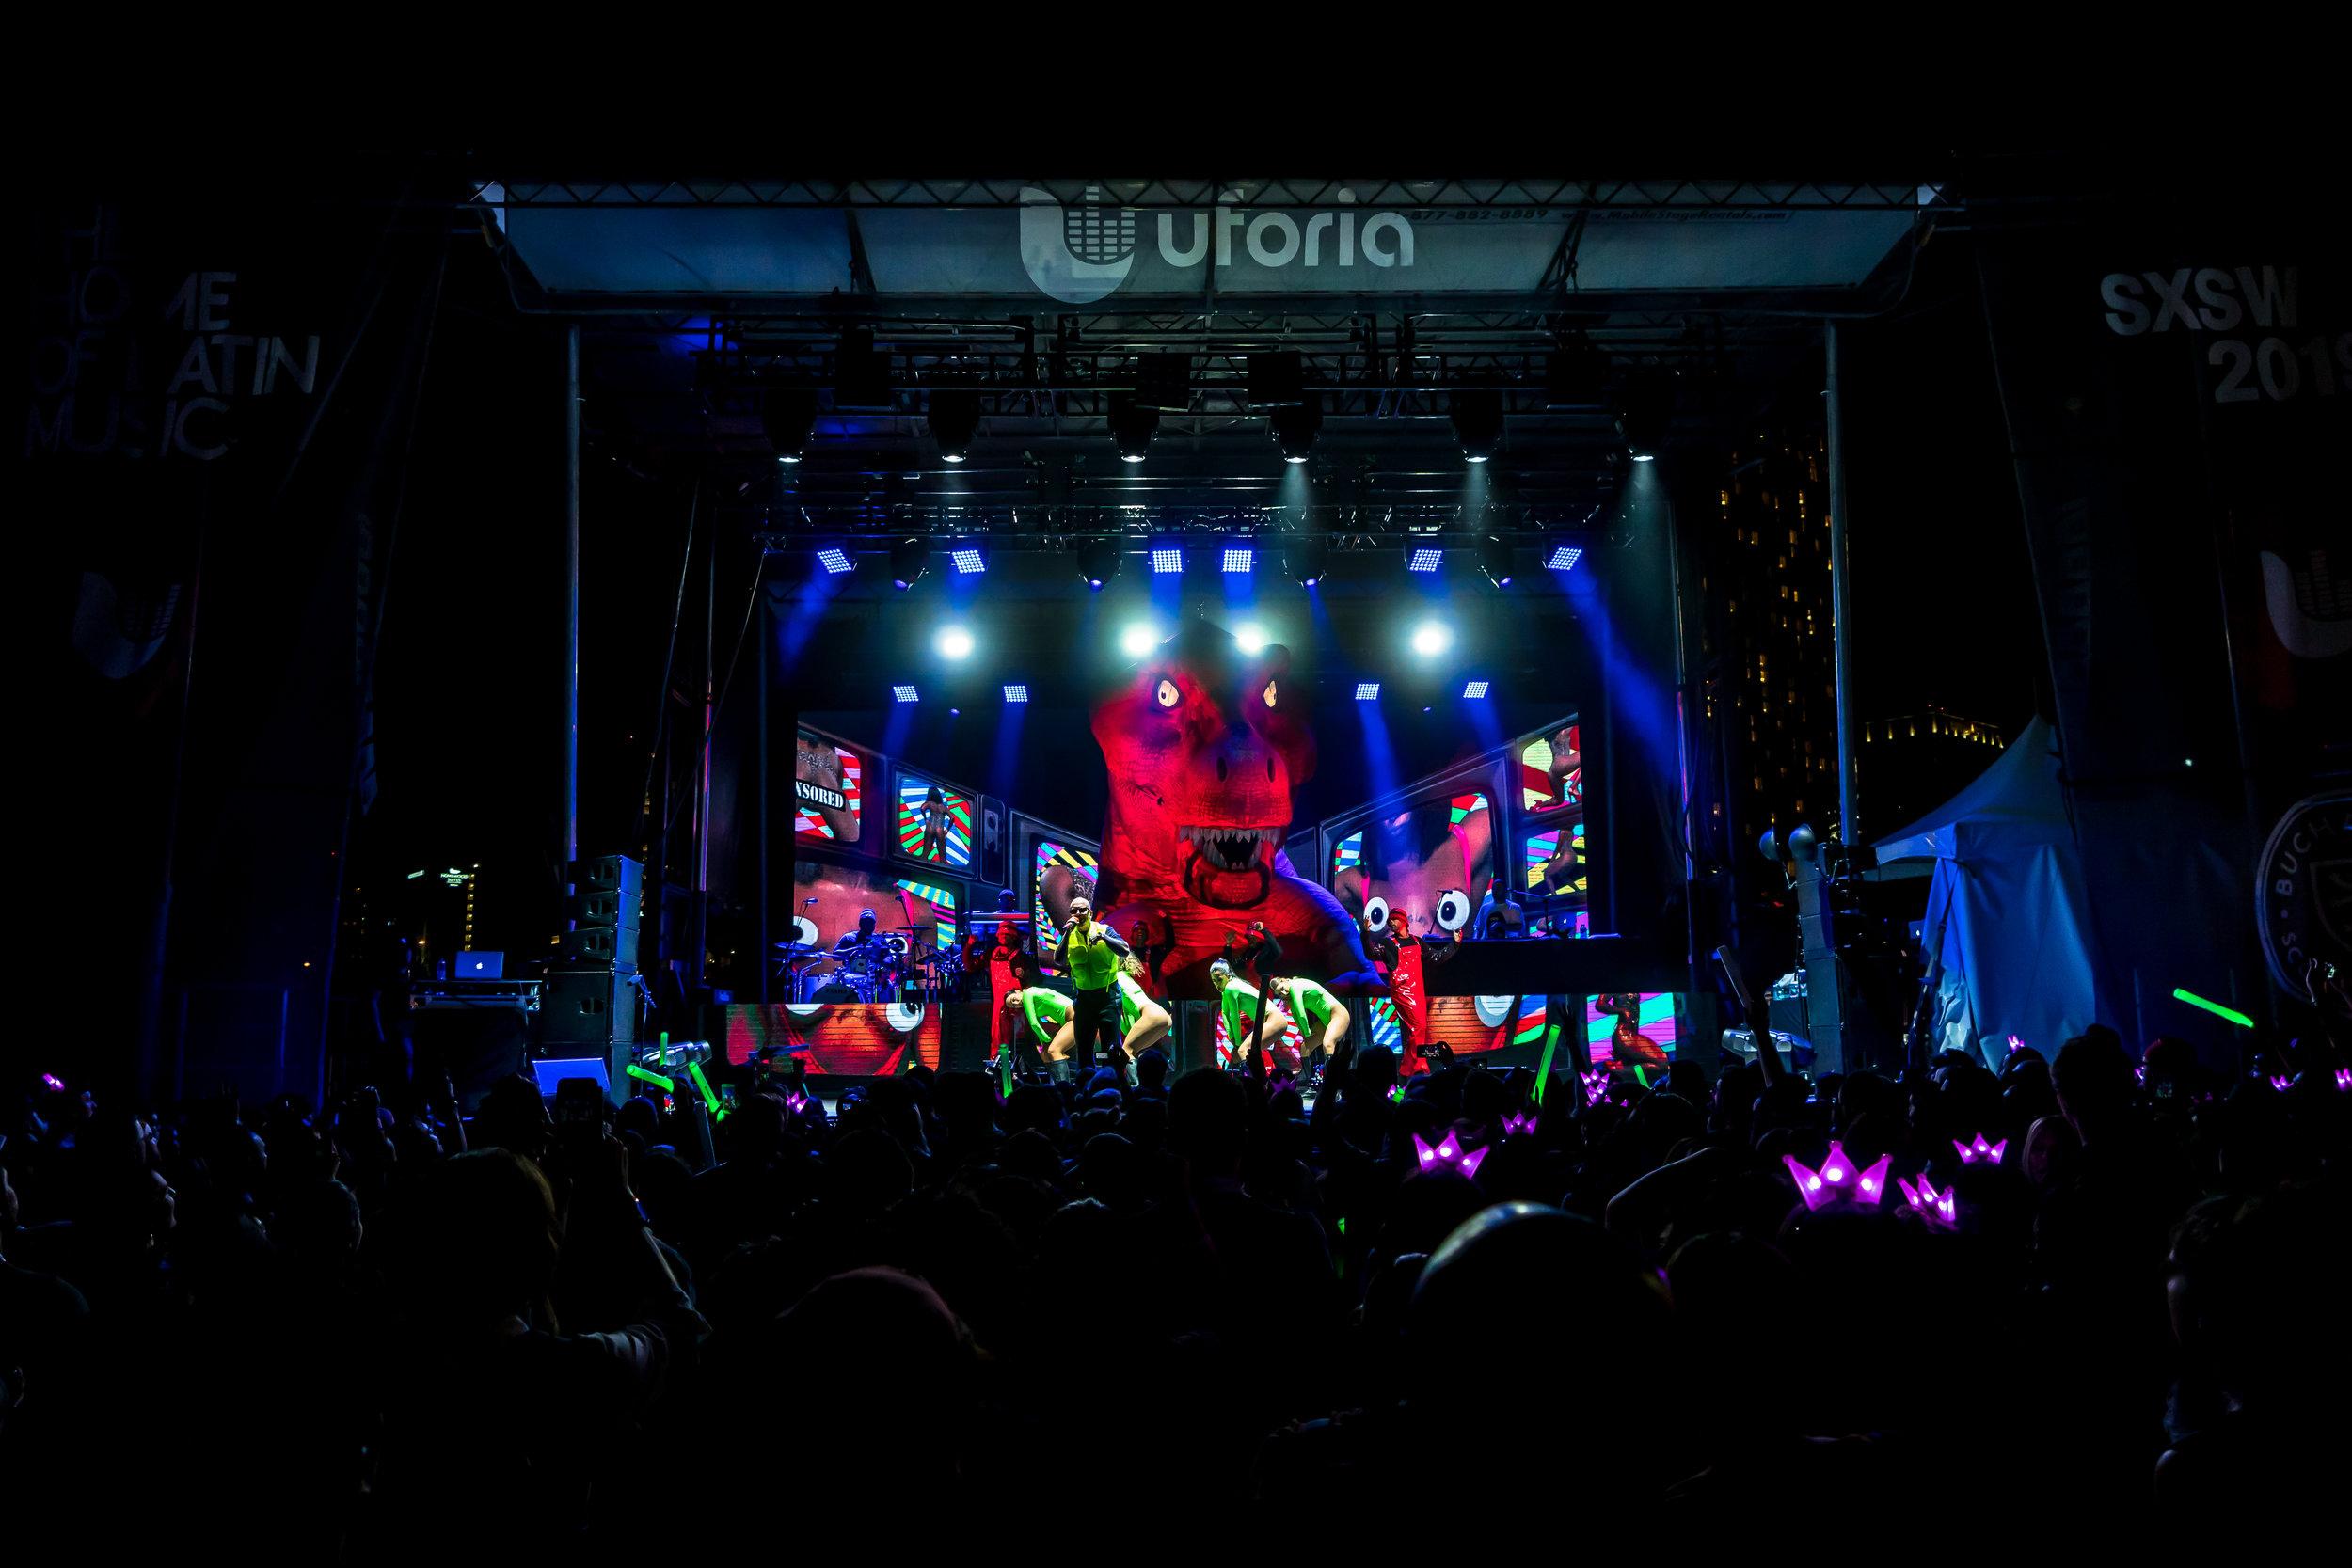 Univision - Uforia Radio Music   Showcase  feat. J Balvin - SXSW 2019. Image credit: @amilvisuals